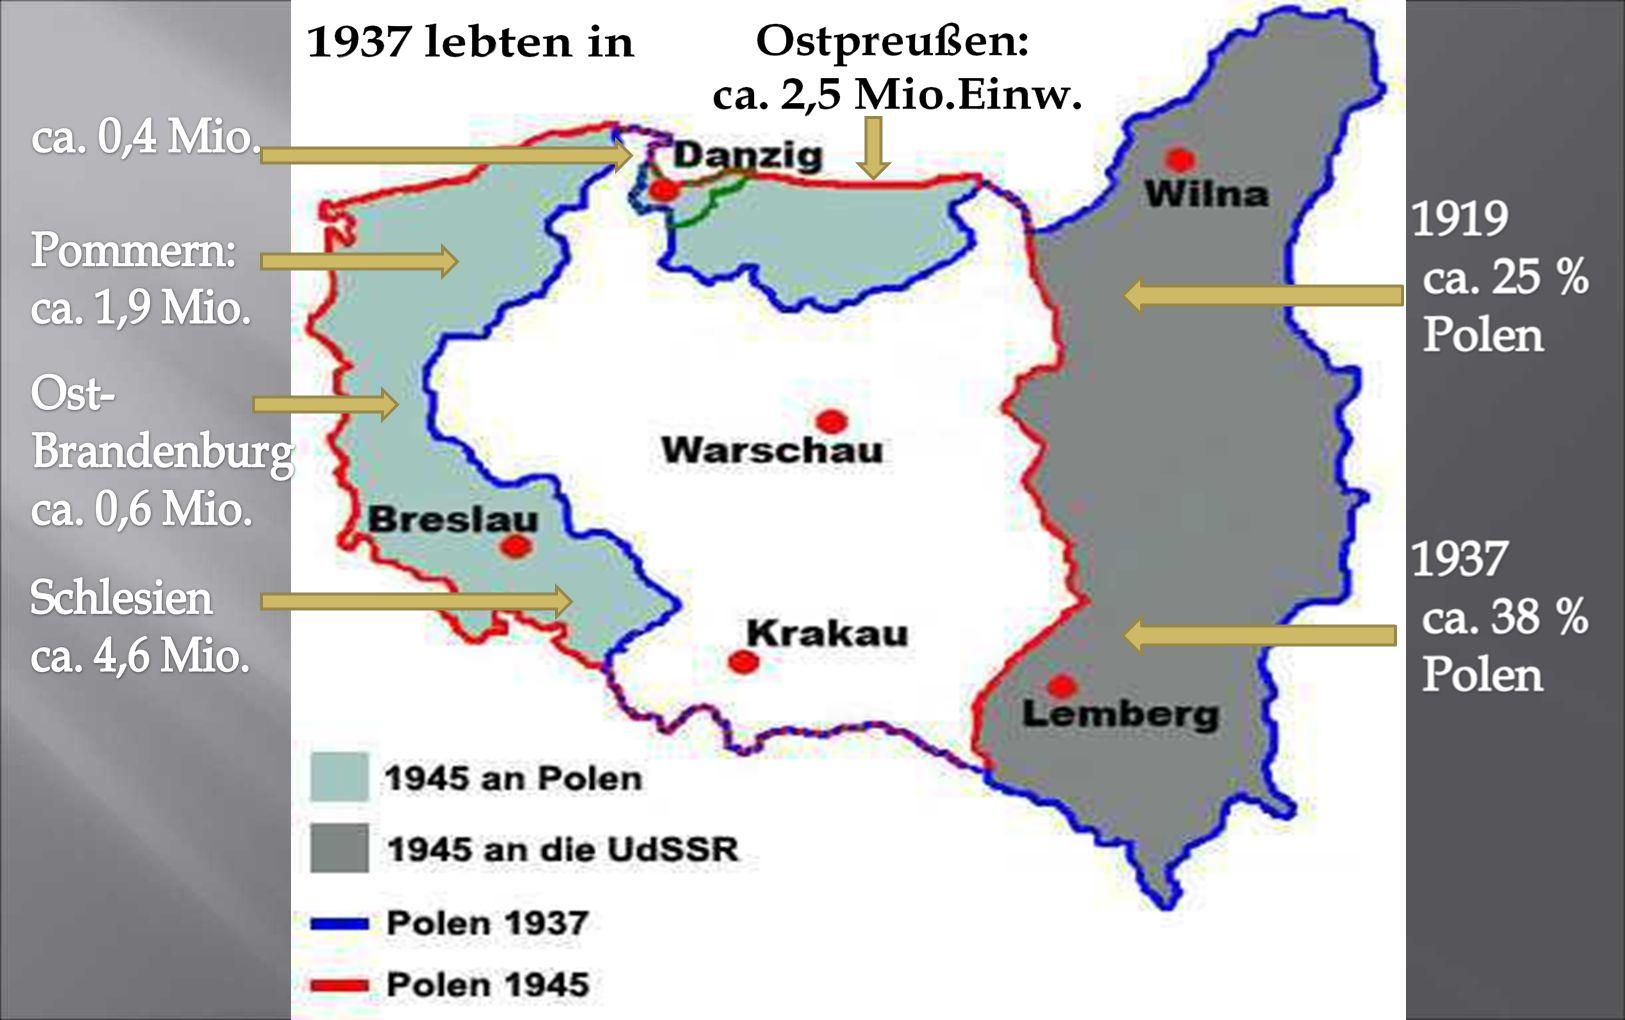 Der Polnisch-Sowjetische Krieg (1919/20 – 1922): Die Pläne Piłsudskis zielten nach 1918 auf die Errichtung einer Republik Großpolen durch die Besetzung von großen Teilen Litauens, Weißrußlands und der Ukraine. Durch Polens Offensive im Osten gelang es ihm, die polnische Staatsgrenze etwa 200 km östlich der geschlossenen polnischen Sprachgrenze, der Curzon-Linie, nach Osten zu verschieben. Im östlichen Teil Polens betrug der polnische Bevölkerungsanteil 1919 etwa 25 %, 1938 nach chauvinistischer Polonisierung der Minderheiten (bes. der Ukrainer & Weißrussen) bezeichneten sich 38 % als polnisch. Den übrigen Anteil bildeten jeweils verschiedene Nationalitäten.